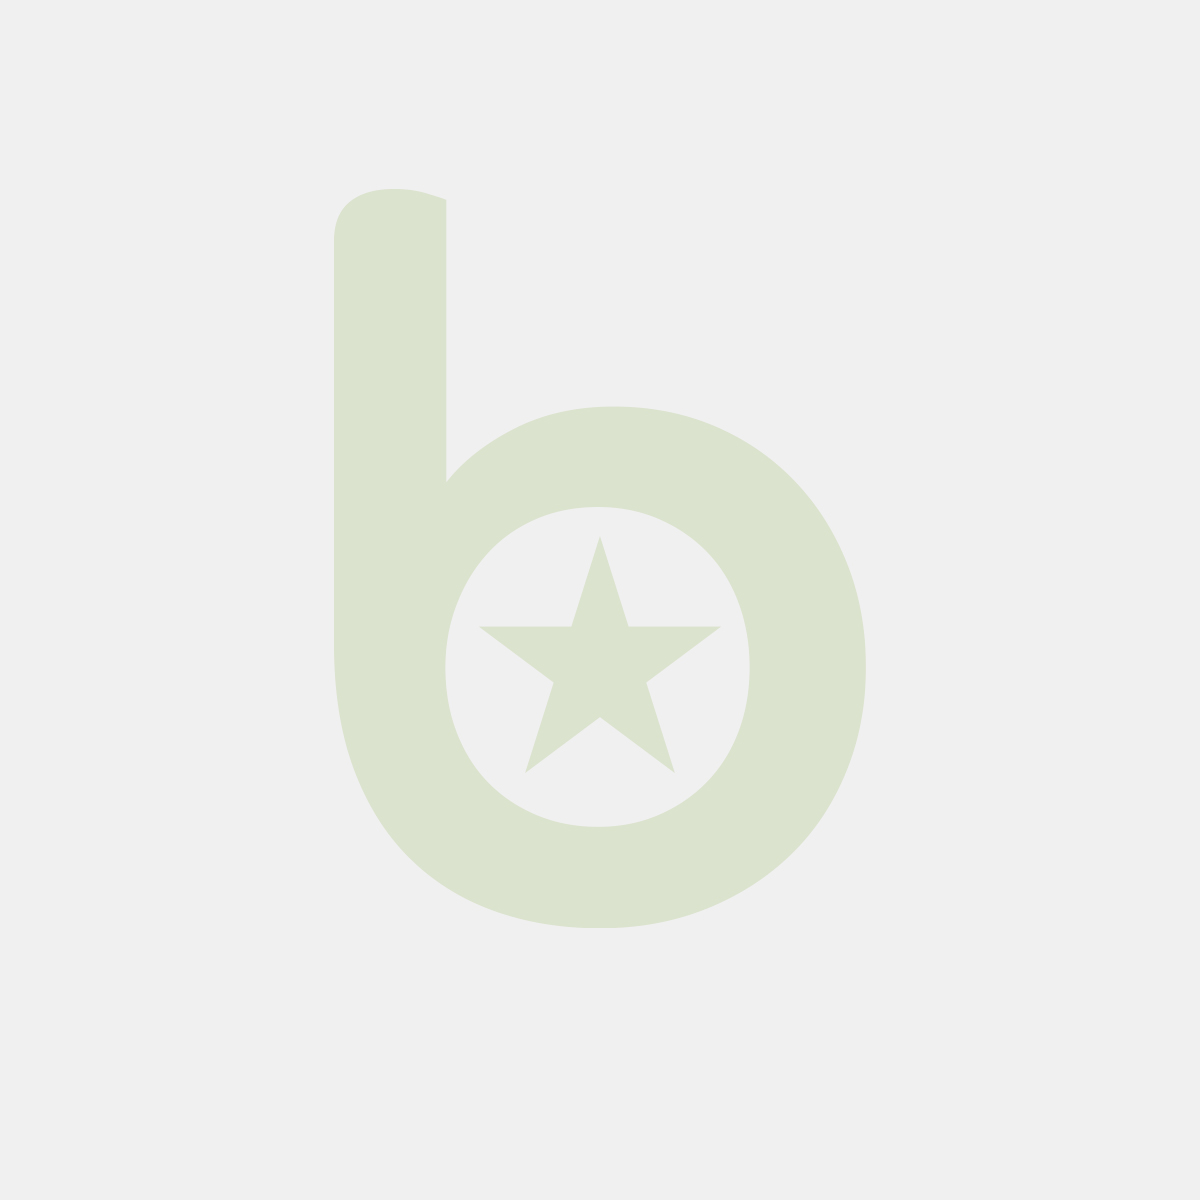 Szafy mroźnicze serii BUDGET LINE z obudową ze stali nierdzewnej